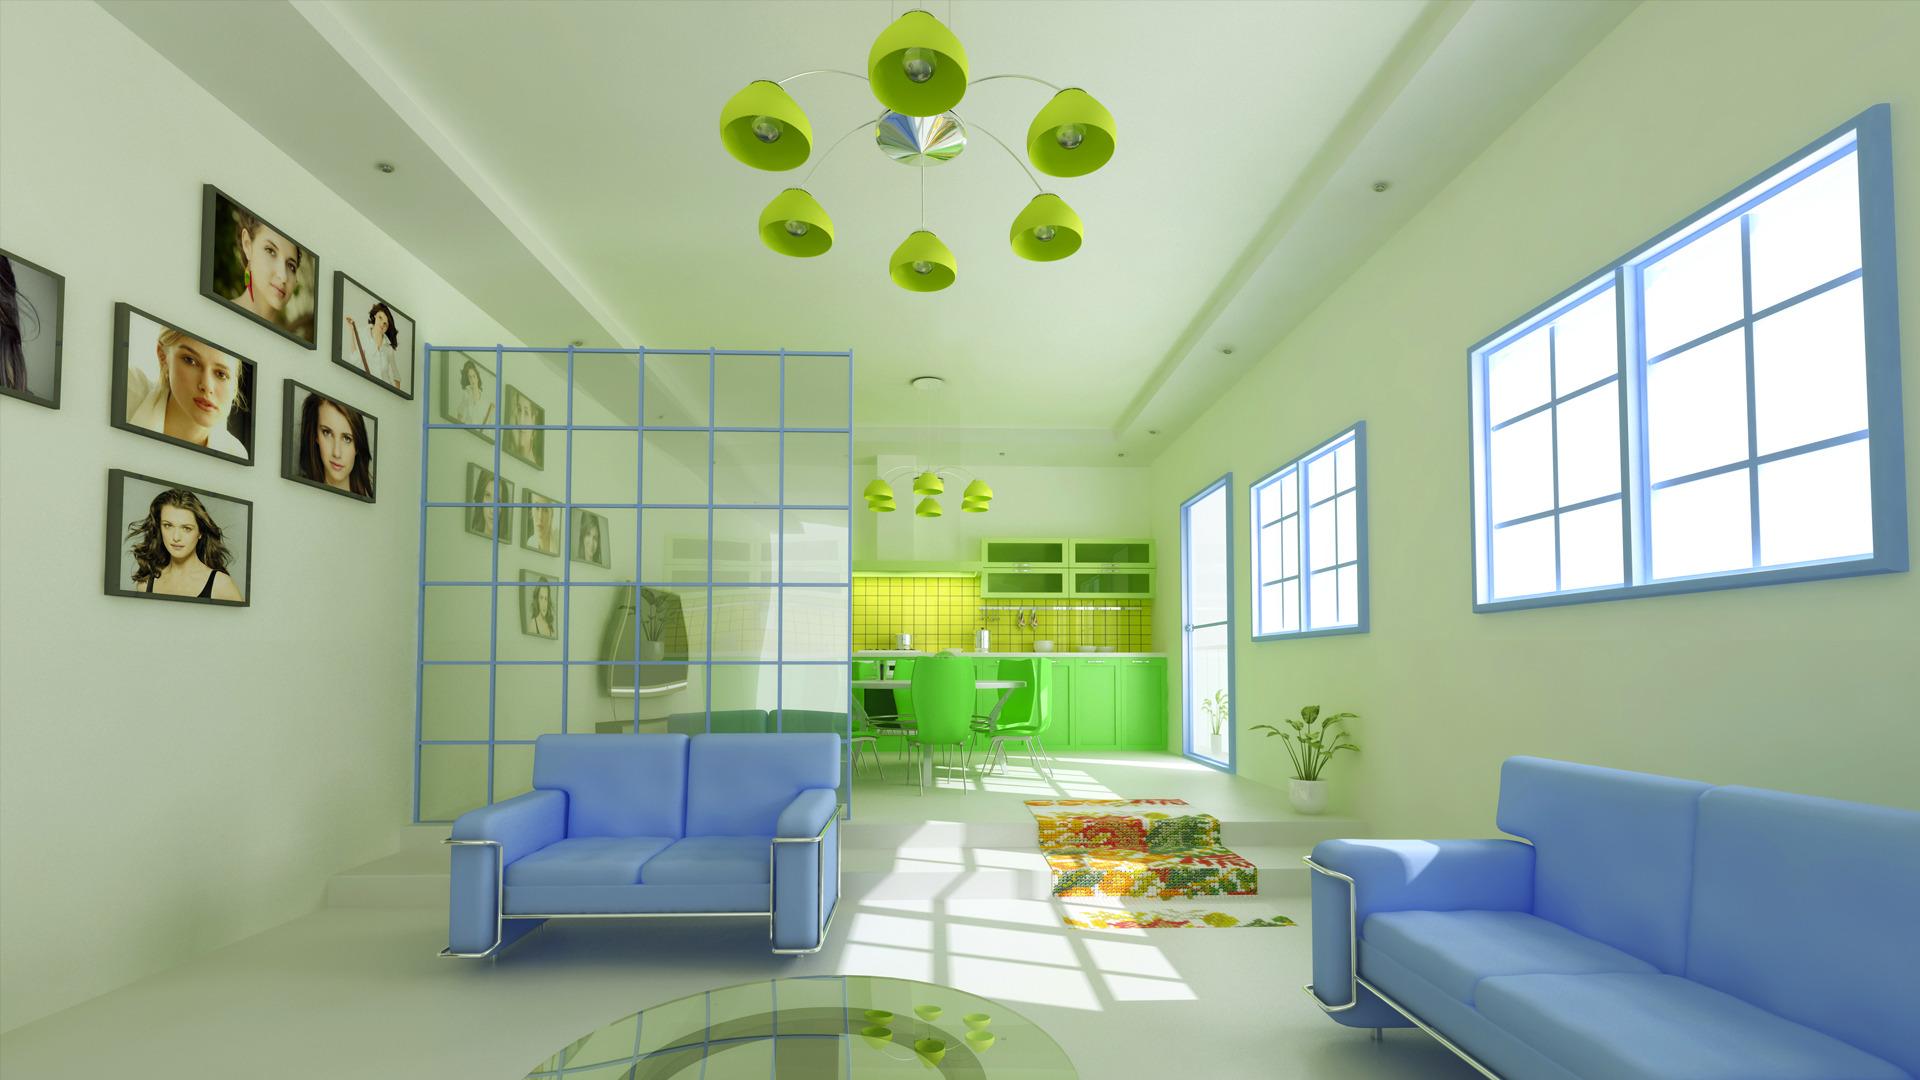 wallpaper interior design hd photo - 4